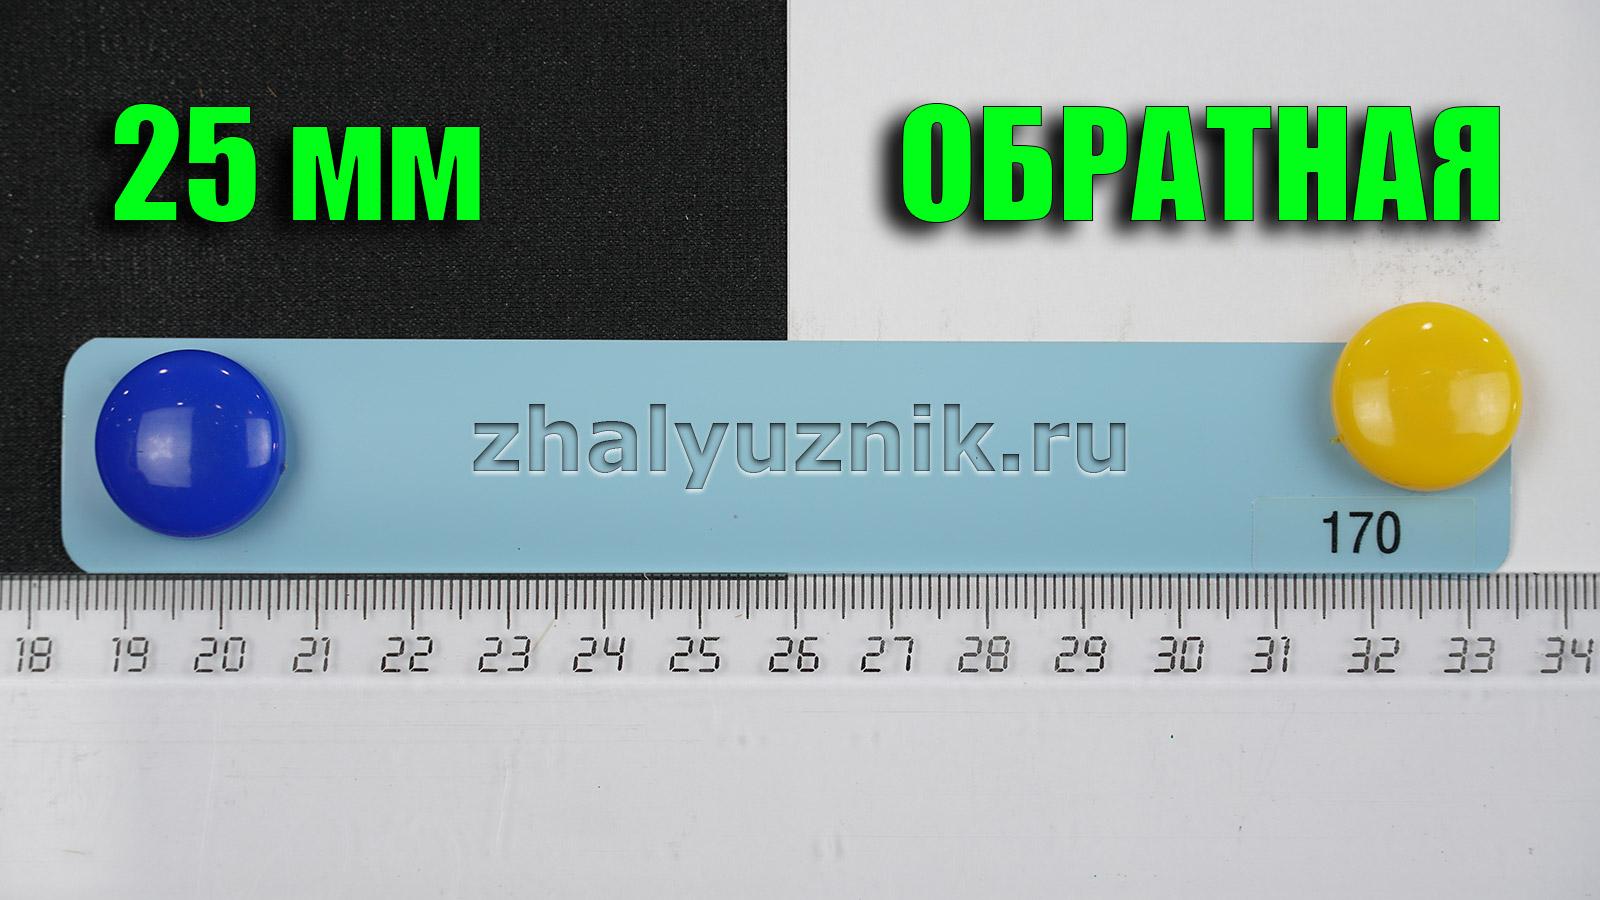 Горизонтальные жалюзи ИЗОТРА ХИТ-2 с ламелями-25 мм, цвет небесный, матовый, артикул-170 (Интерсклад)